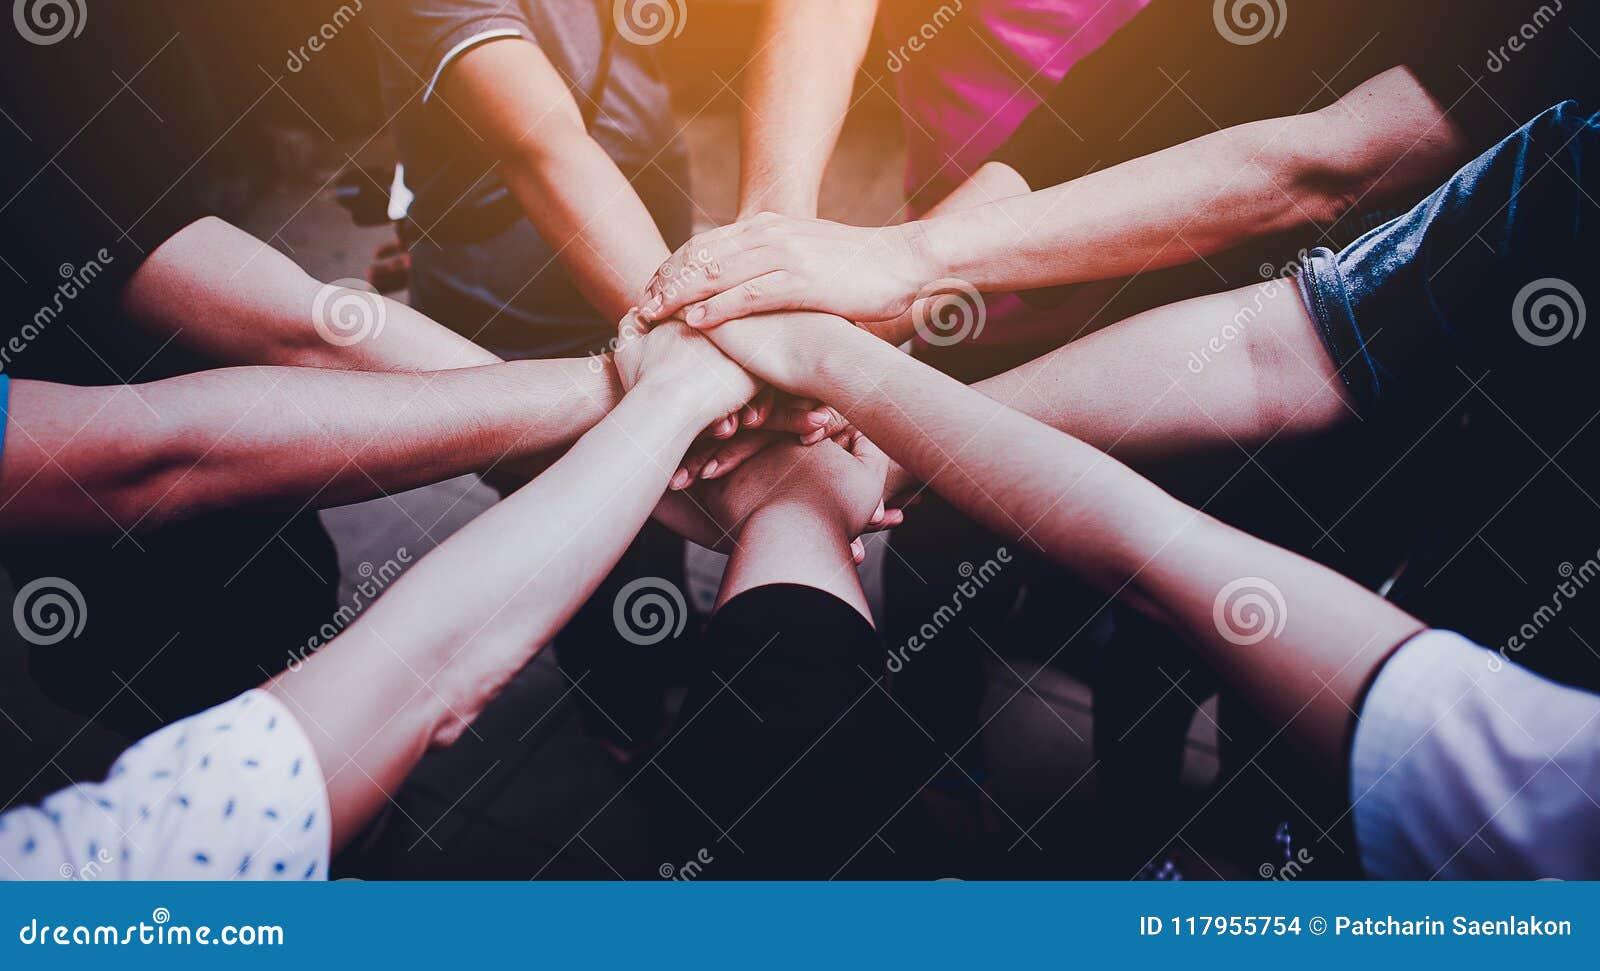 Ομαδική εργασία με τα μπράτσα και τα χέρια μας